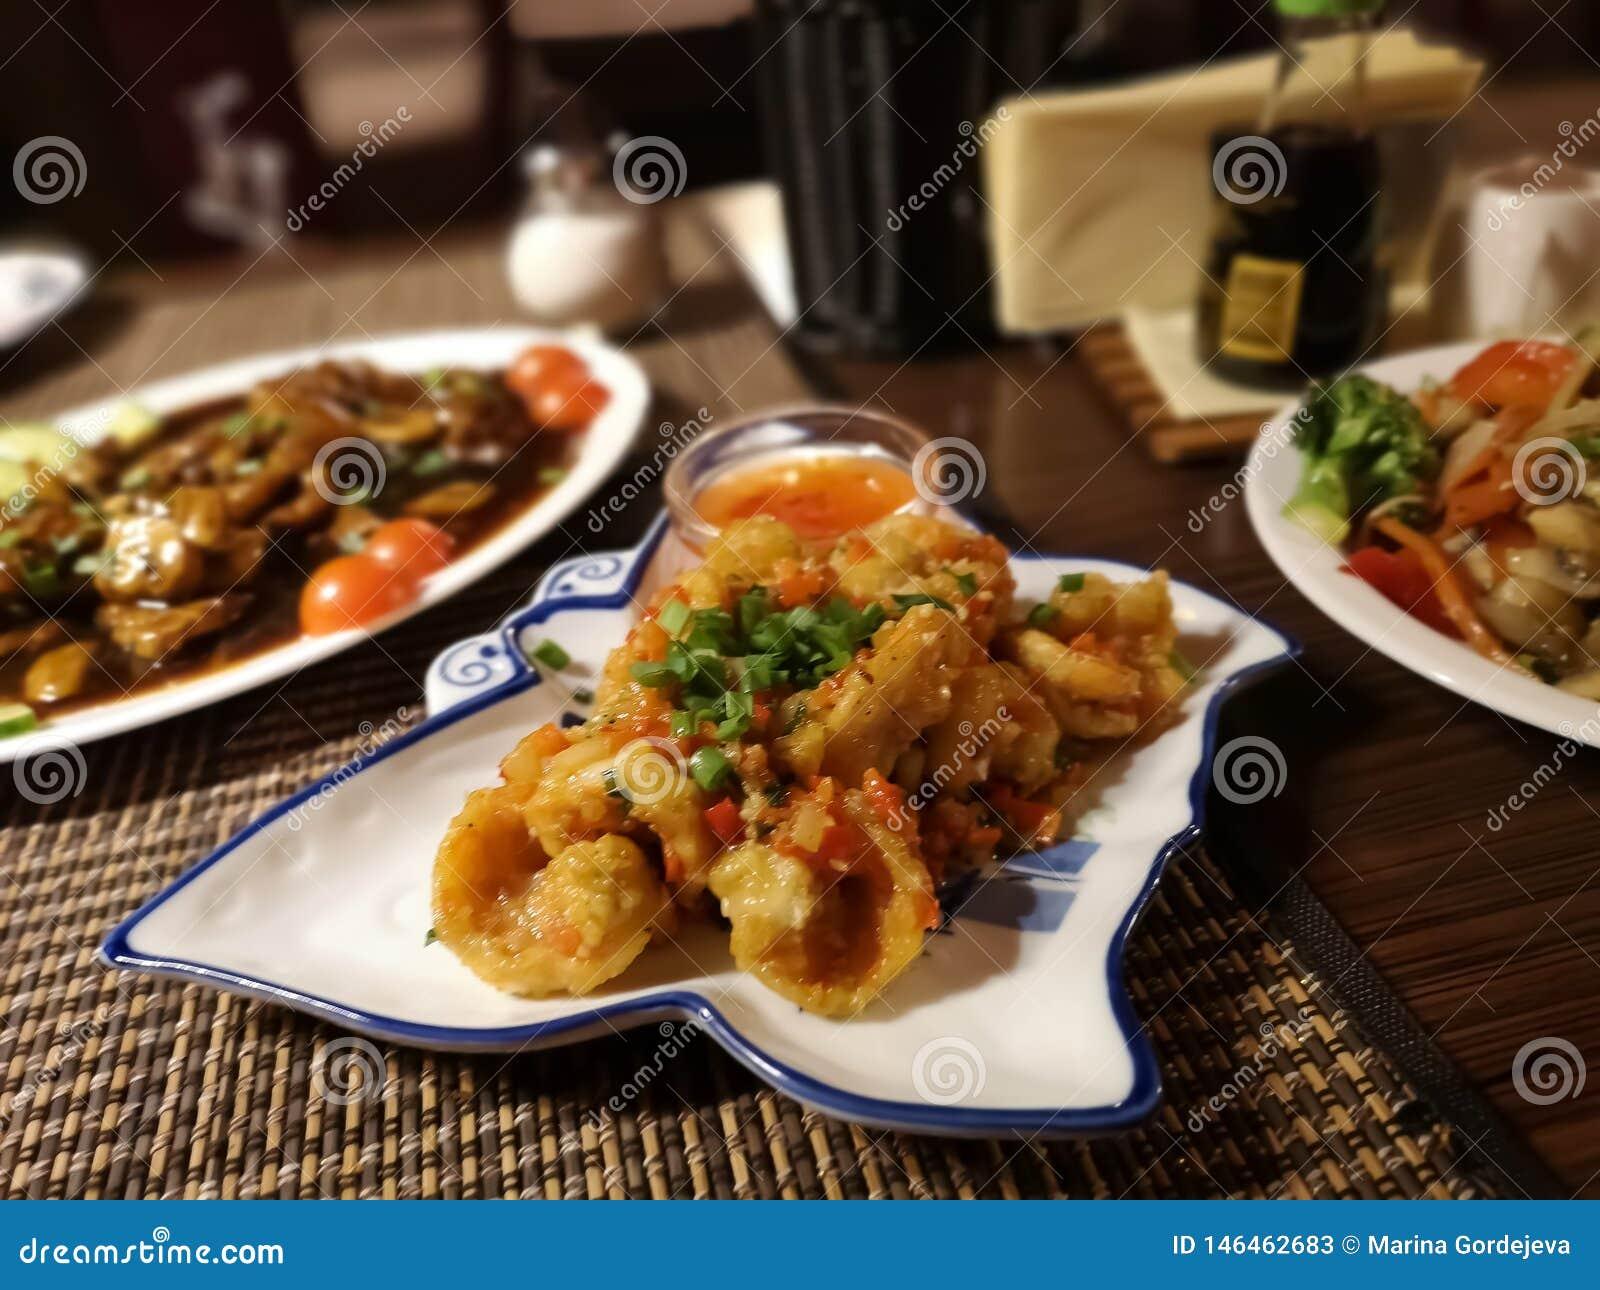 Tres platos orientales con carne de vaca, camarones, tomates, las zanahorias, la pimienta roja y los tallarines de arroz